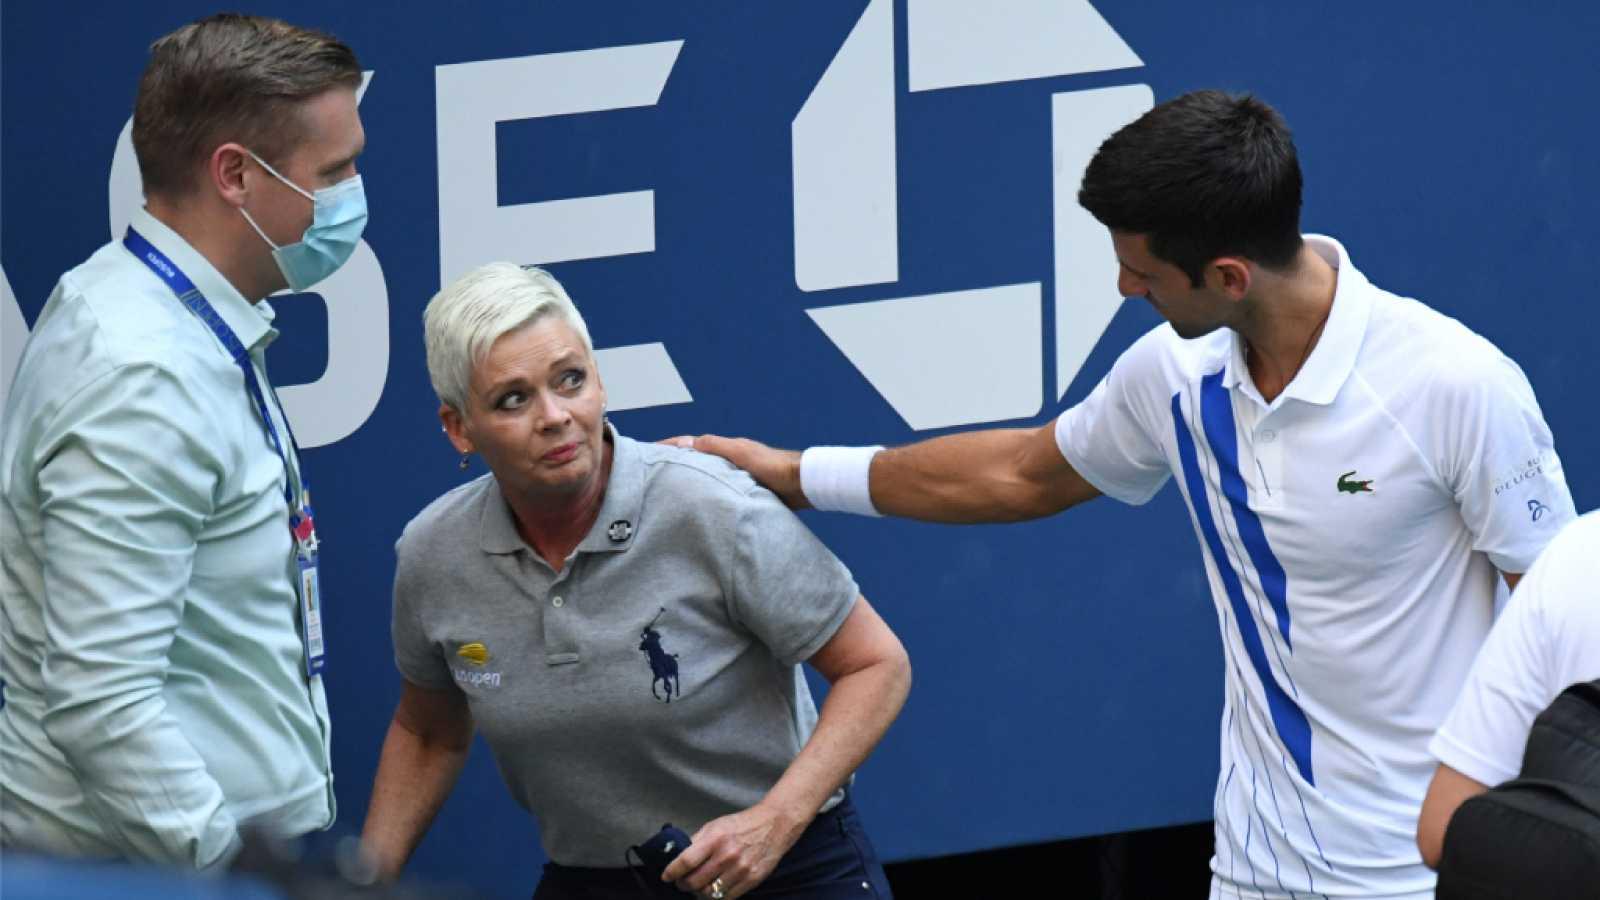 Las redes se tiran al cuello de Djokovic tras el pelotazo a una jueza durante el US Open